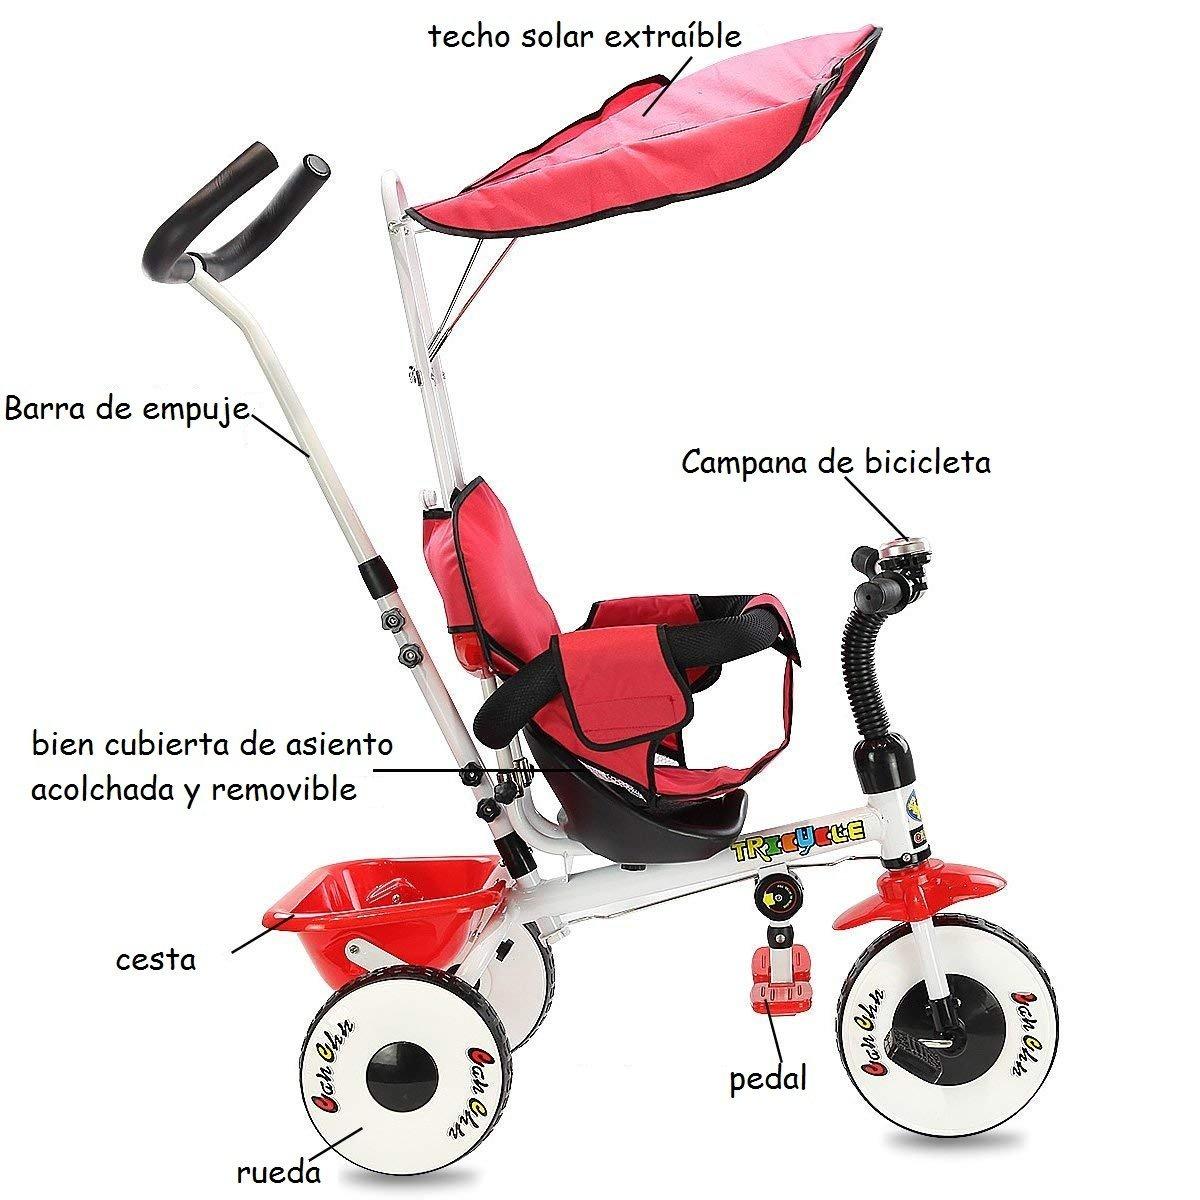 COSTWAY 4 en 1 Triciclo para Niños Infantil Carrito con Sillín Techo Solar Desmontable con Rueda (Rojo): Amazon.es: Juguetes y juegos